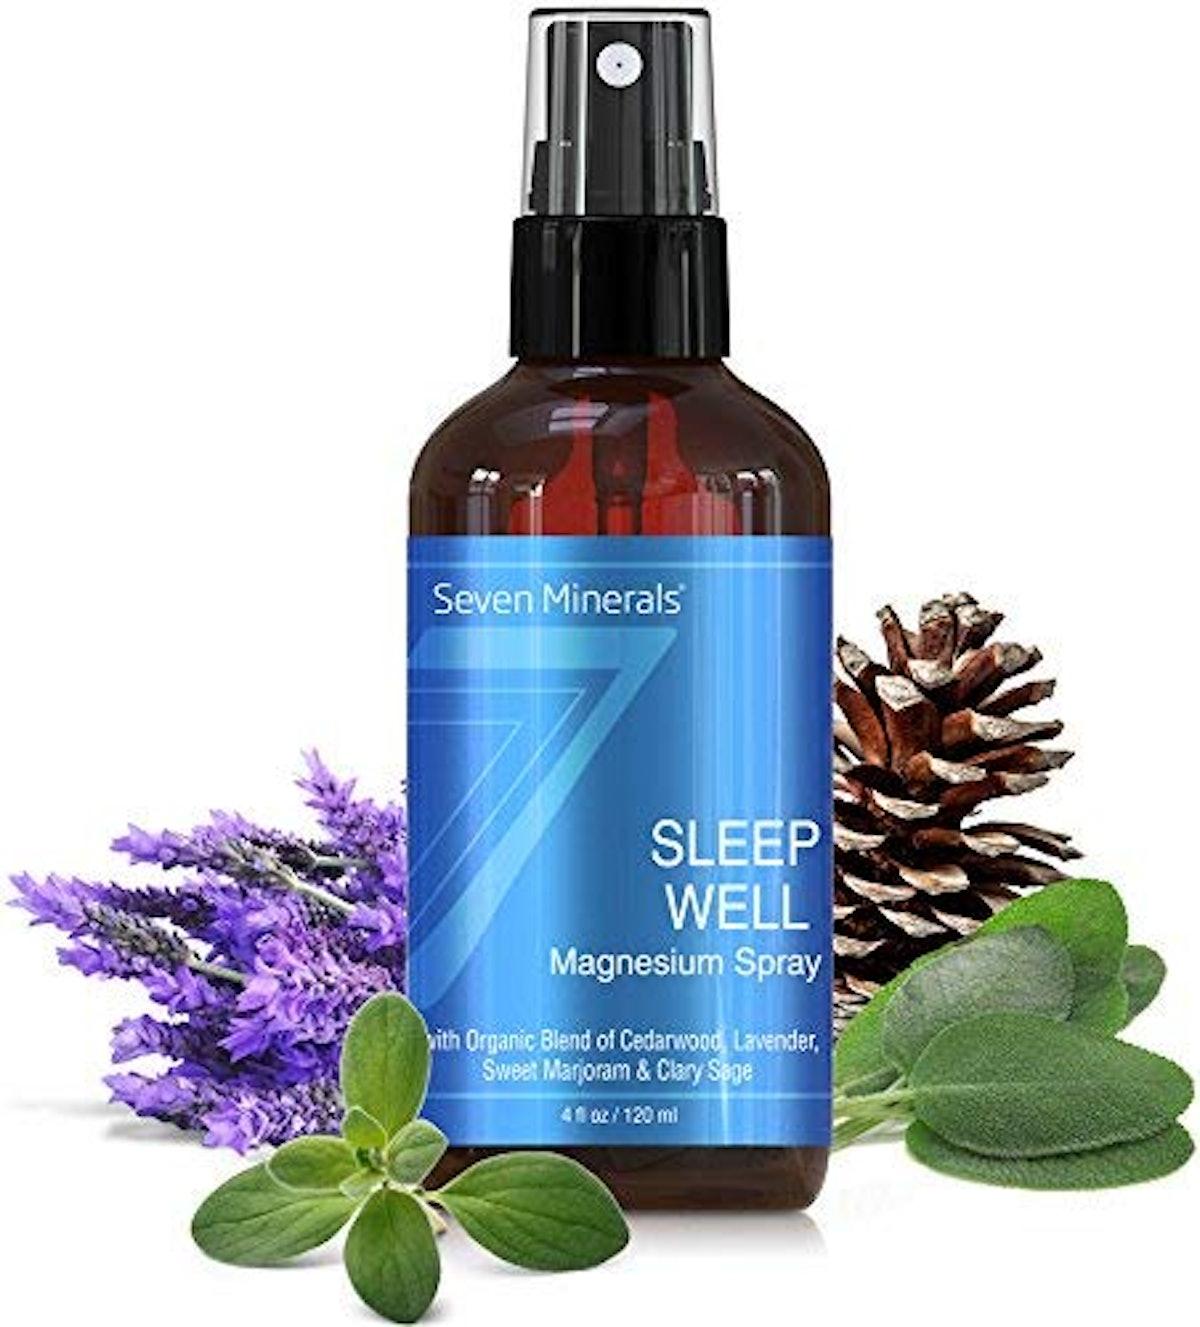 Seven Minerals Magnesium Oil Blend